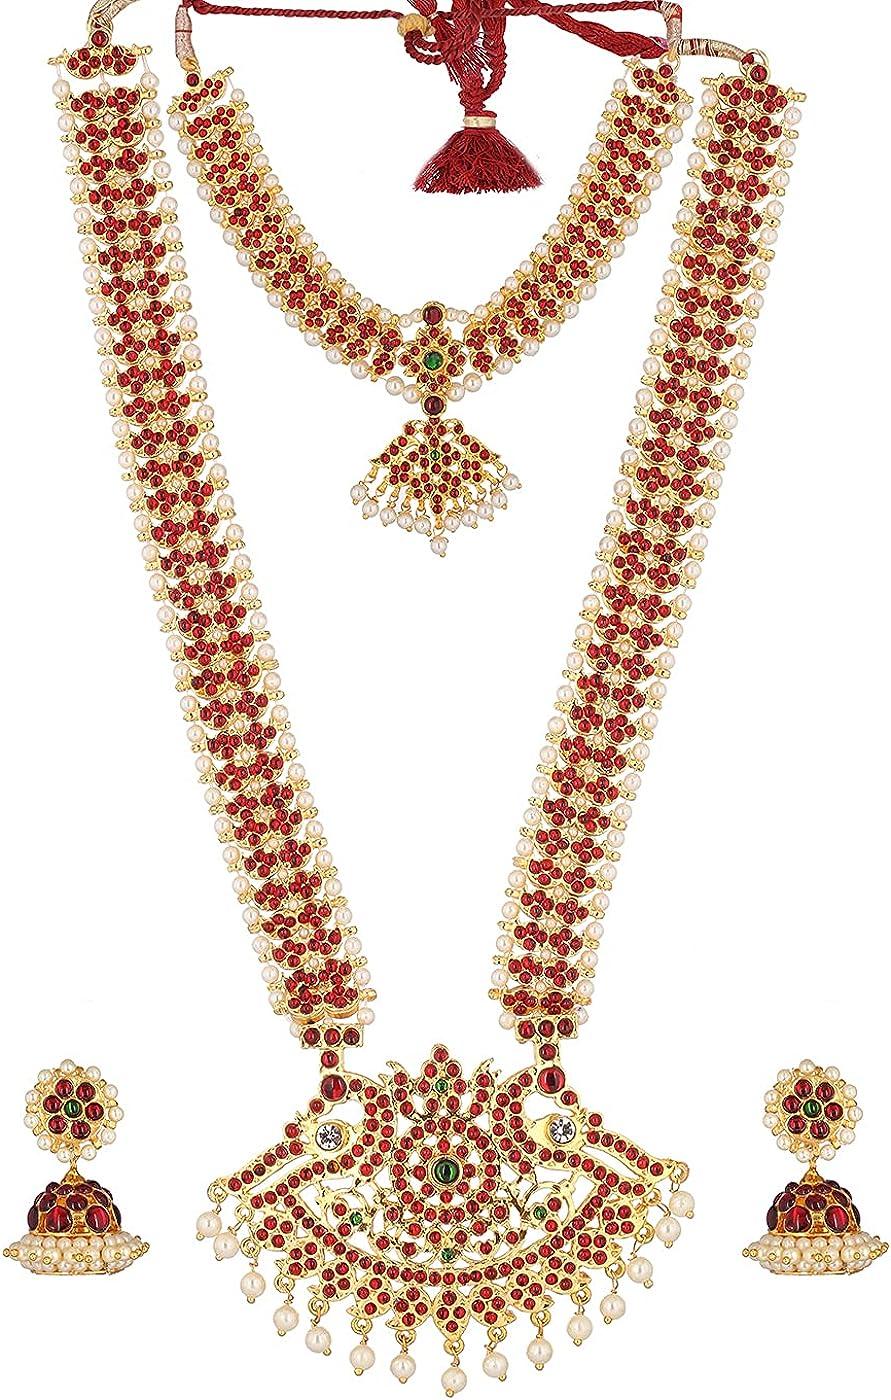 Fashionatelier Kempu Broad Mango Necklace and Haram Set